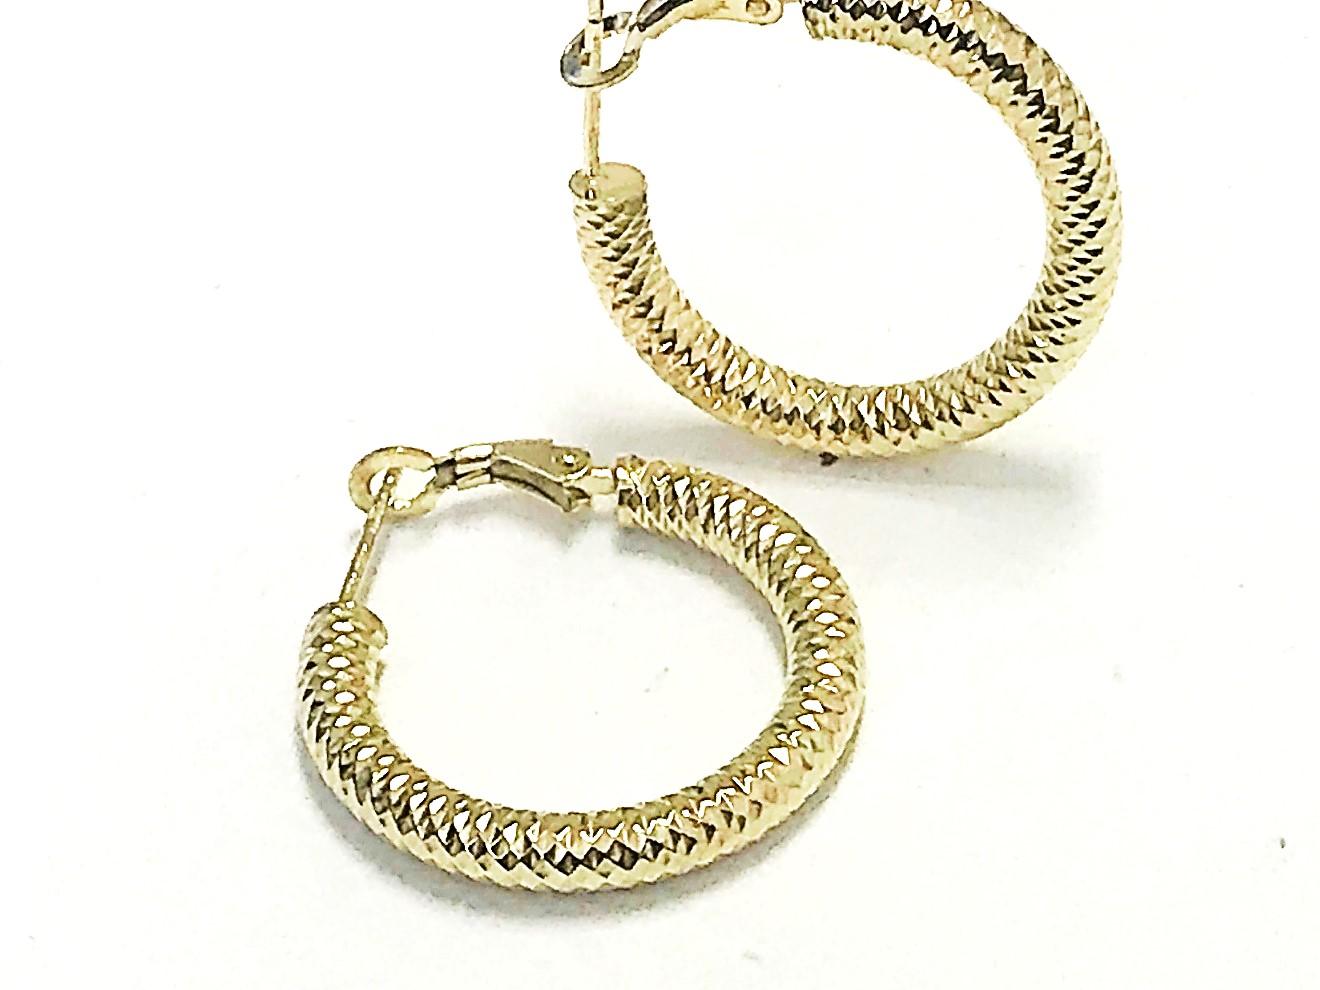 Boucles d'oreilles anneaux pour femme - Or jaune 10K